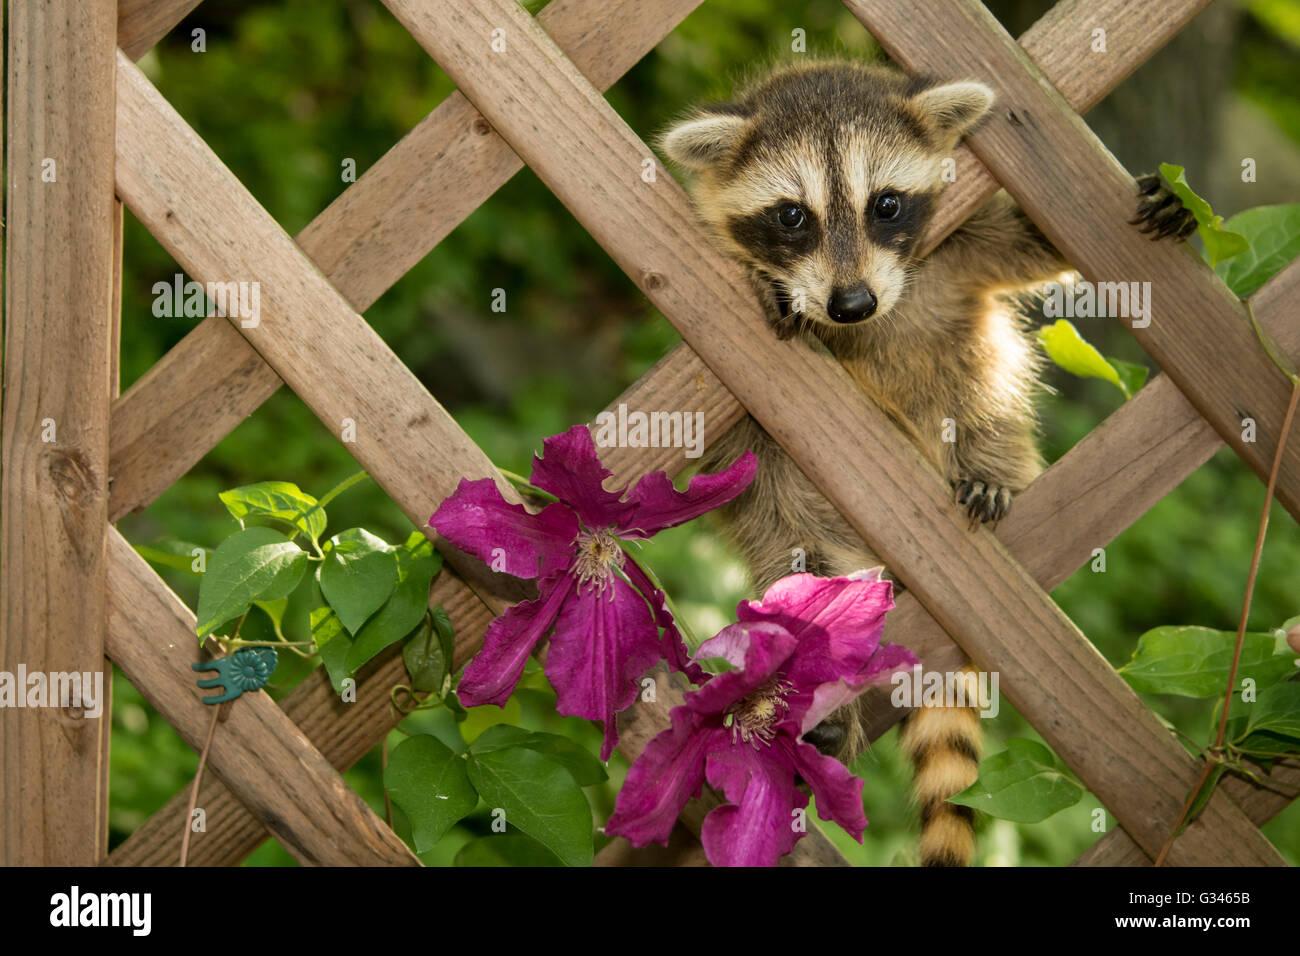 Un bebé mapache escalada en el jardín Imagen De Stock